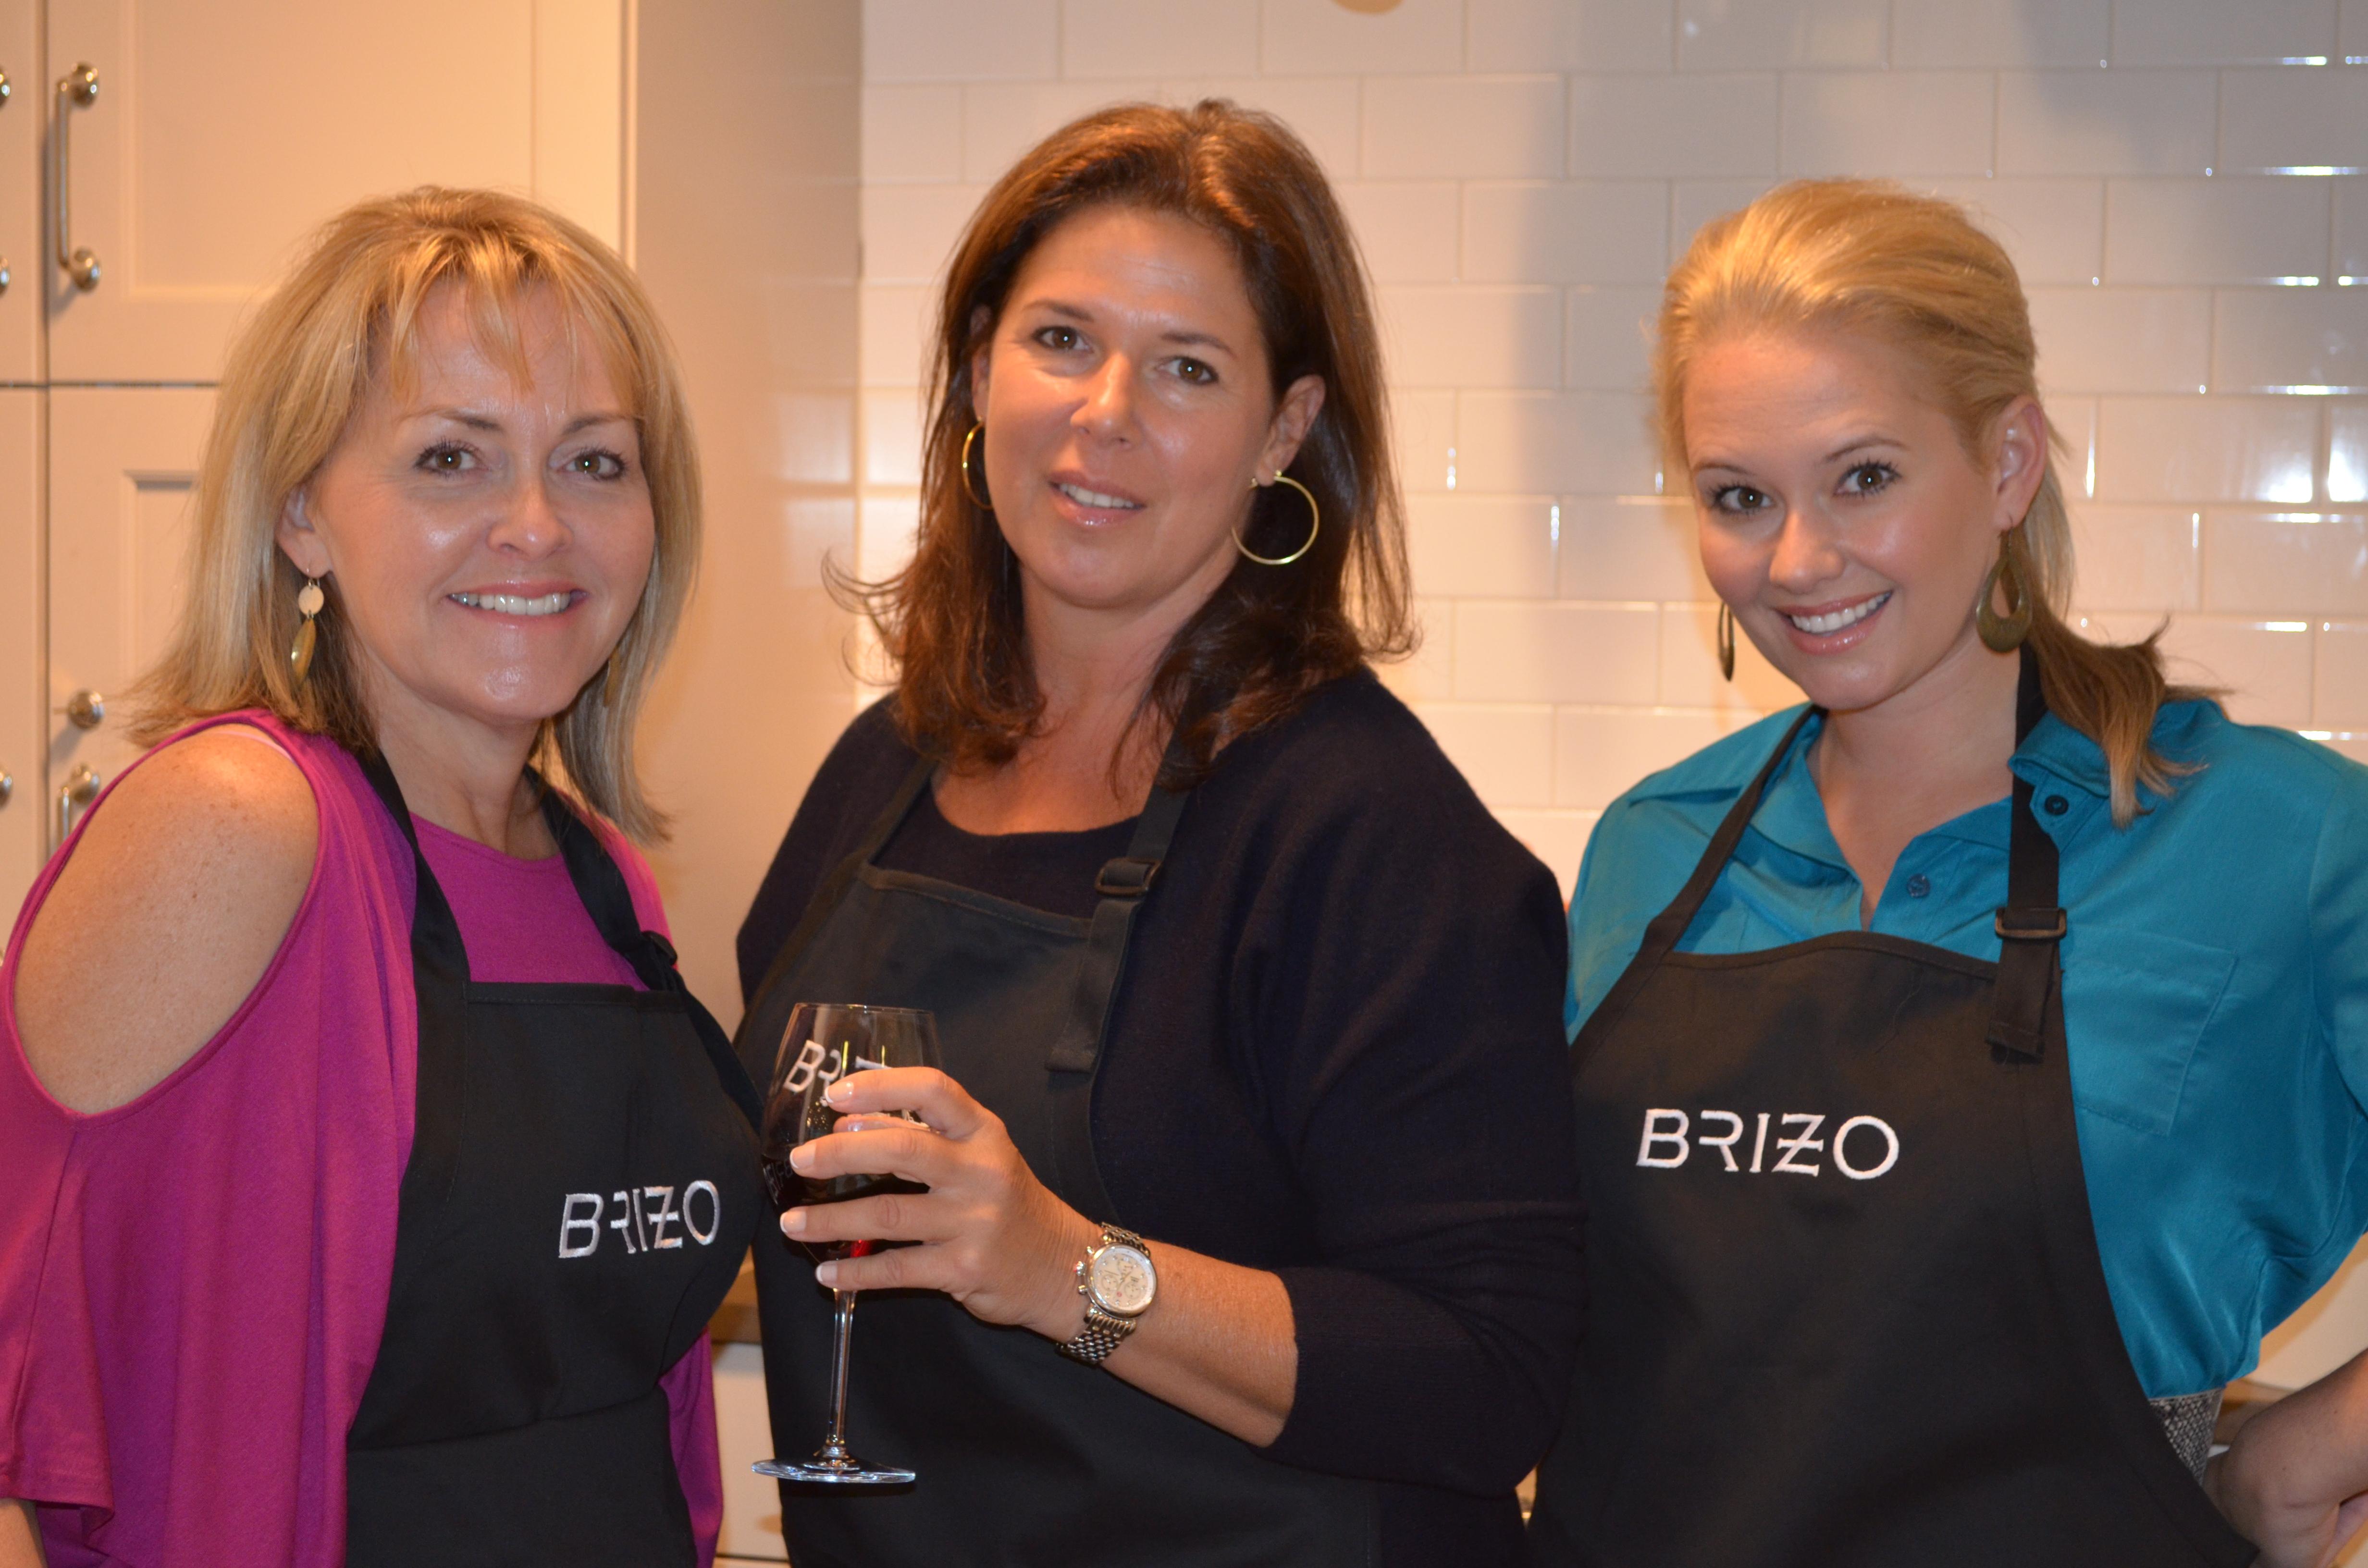 Brizo Evening At Sur La Table